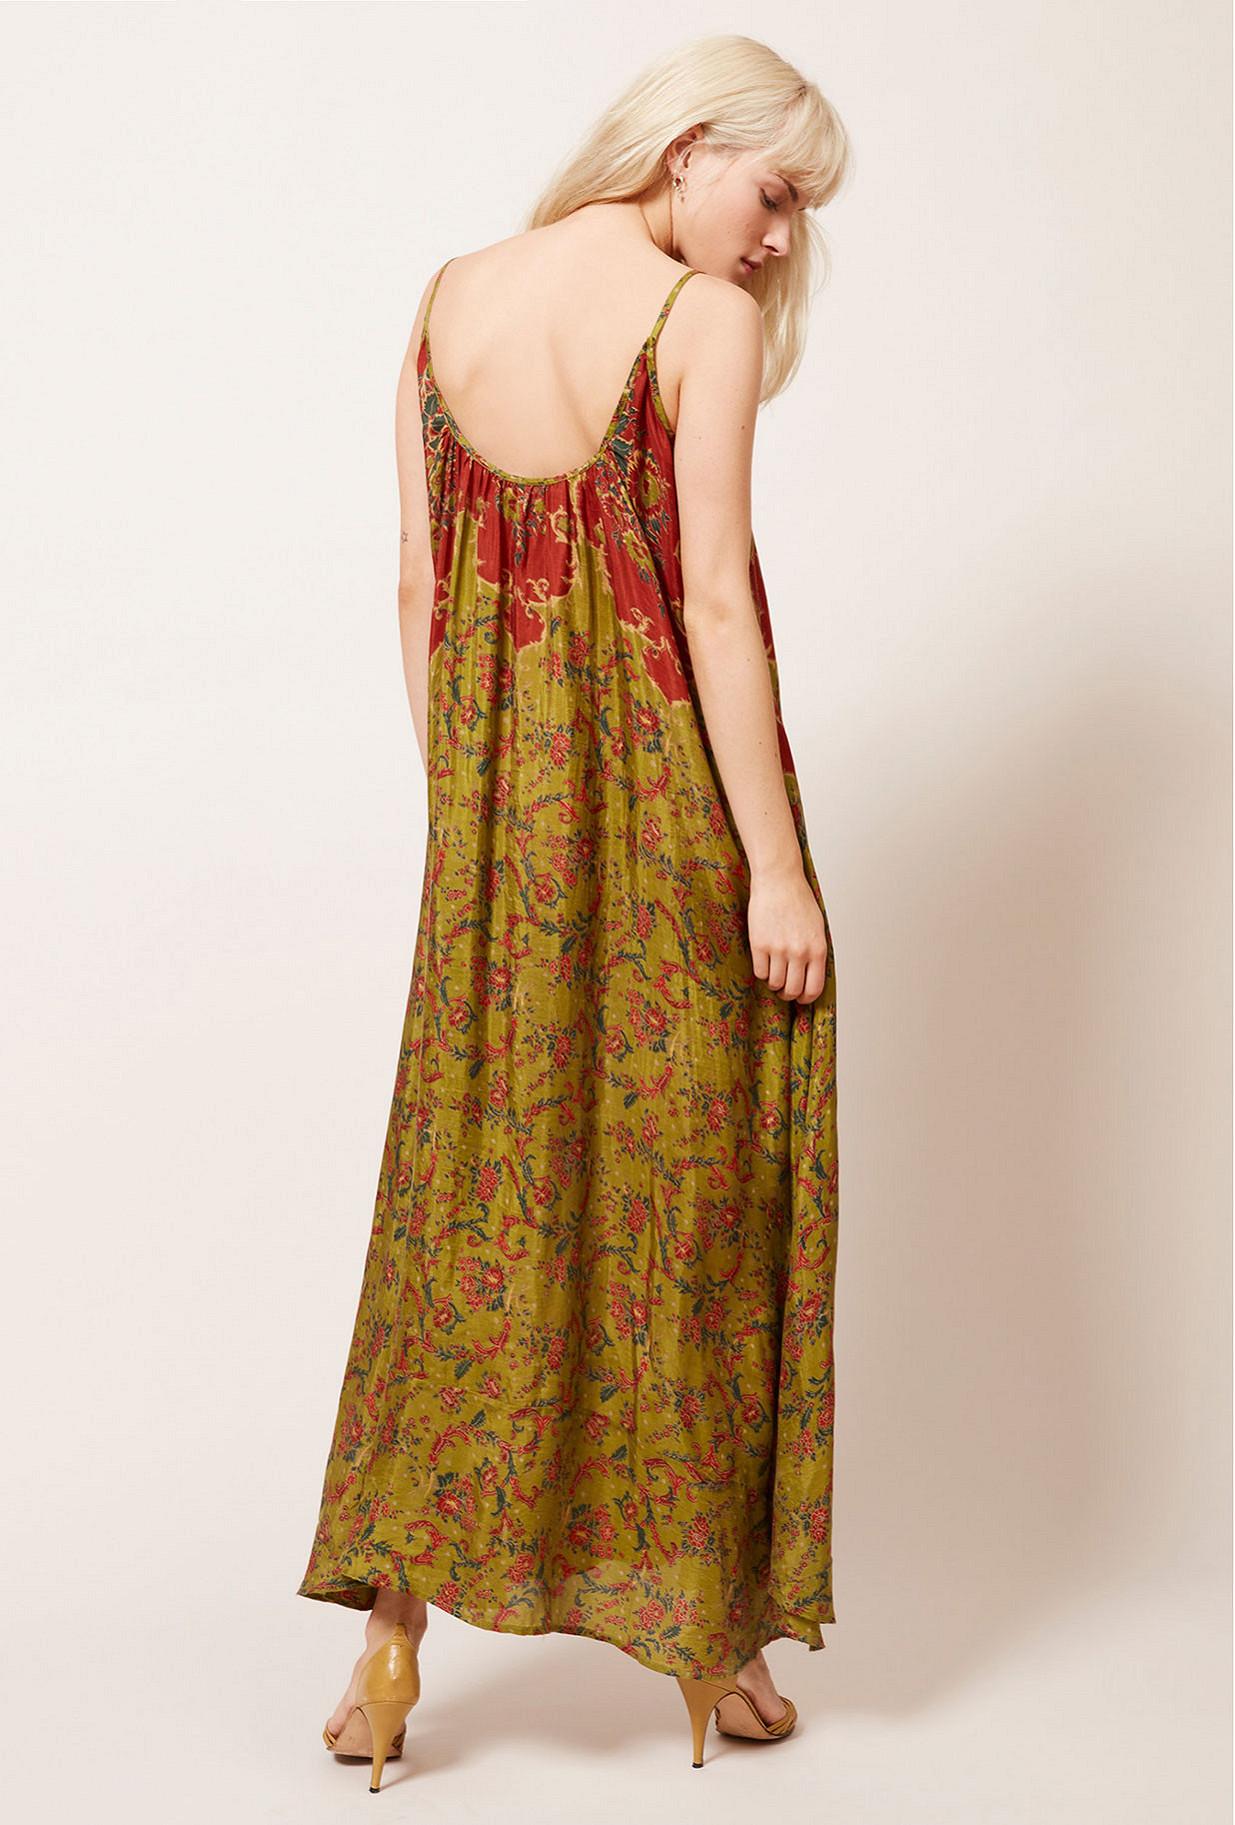 Paris boutique de mode vêtement Robe créateur bohème  Dalila